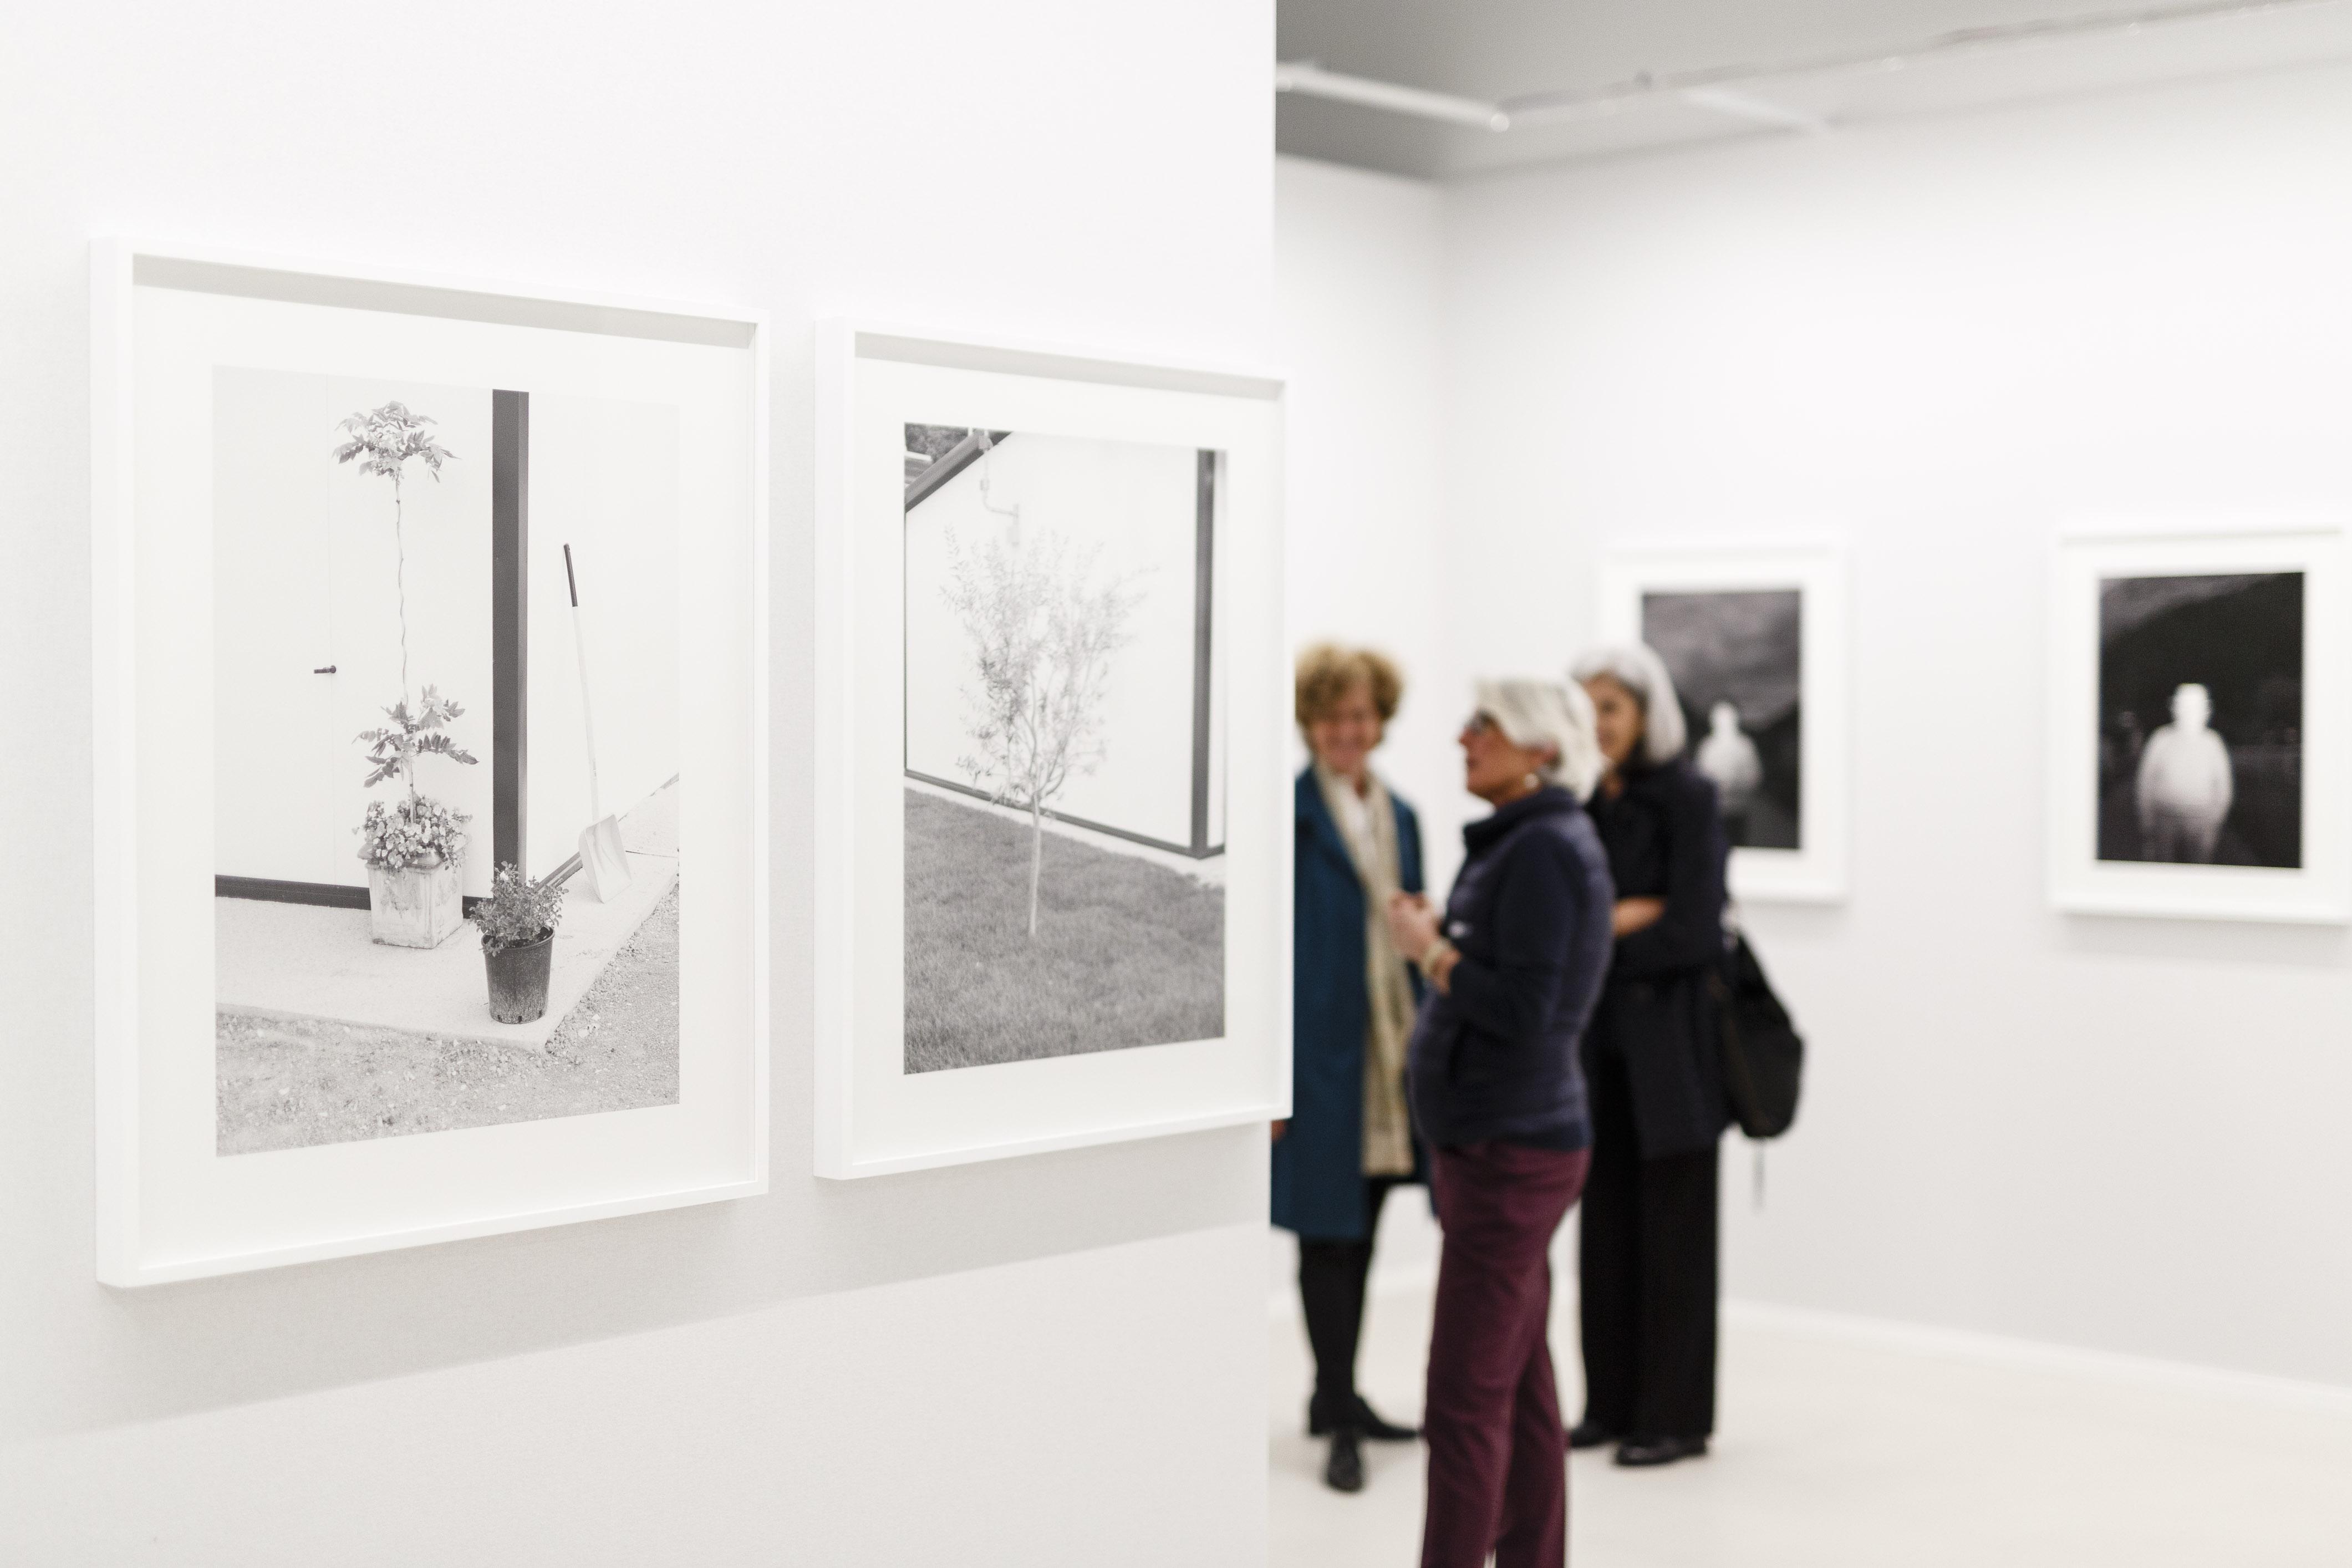 Terre in movimento | Photo © Musacchio, Ianniello & Pasqualini, courtesy Fondazione MAXXI